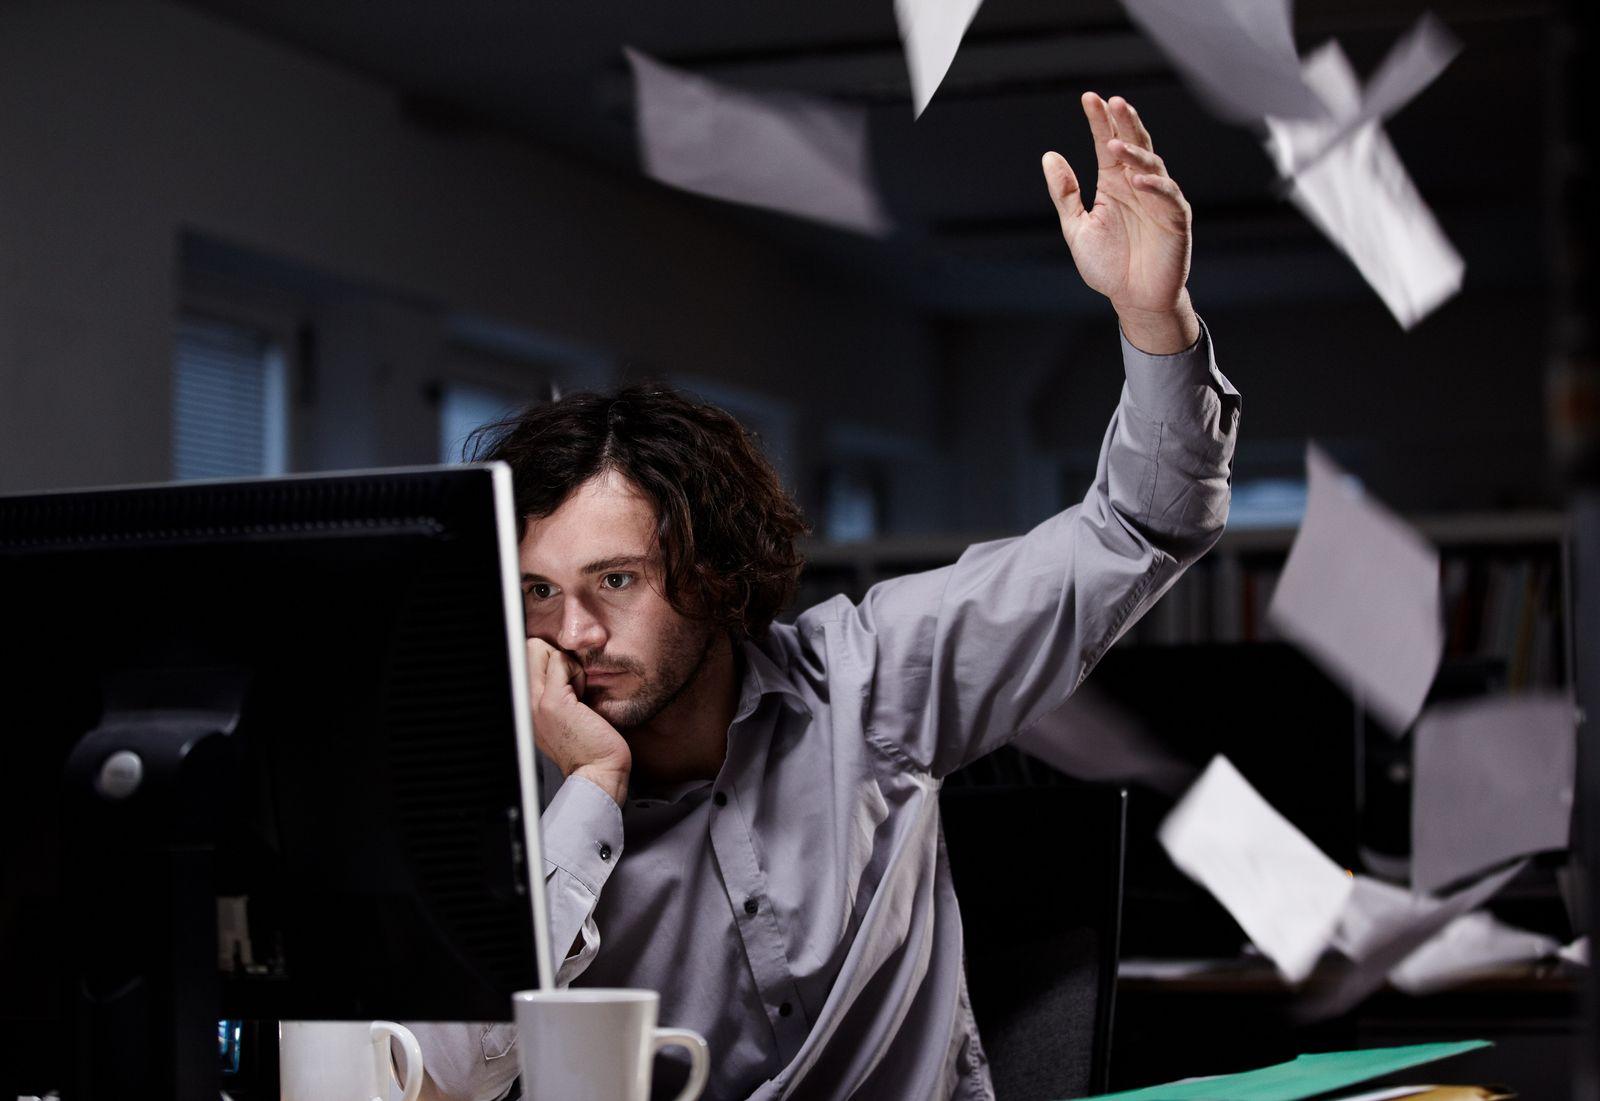 NICHT MEHR VERWENDEN! - Büro / Computer / Werfen / Blätter / Papier / Ärger